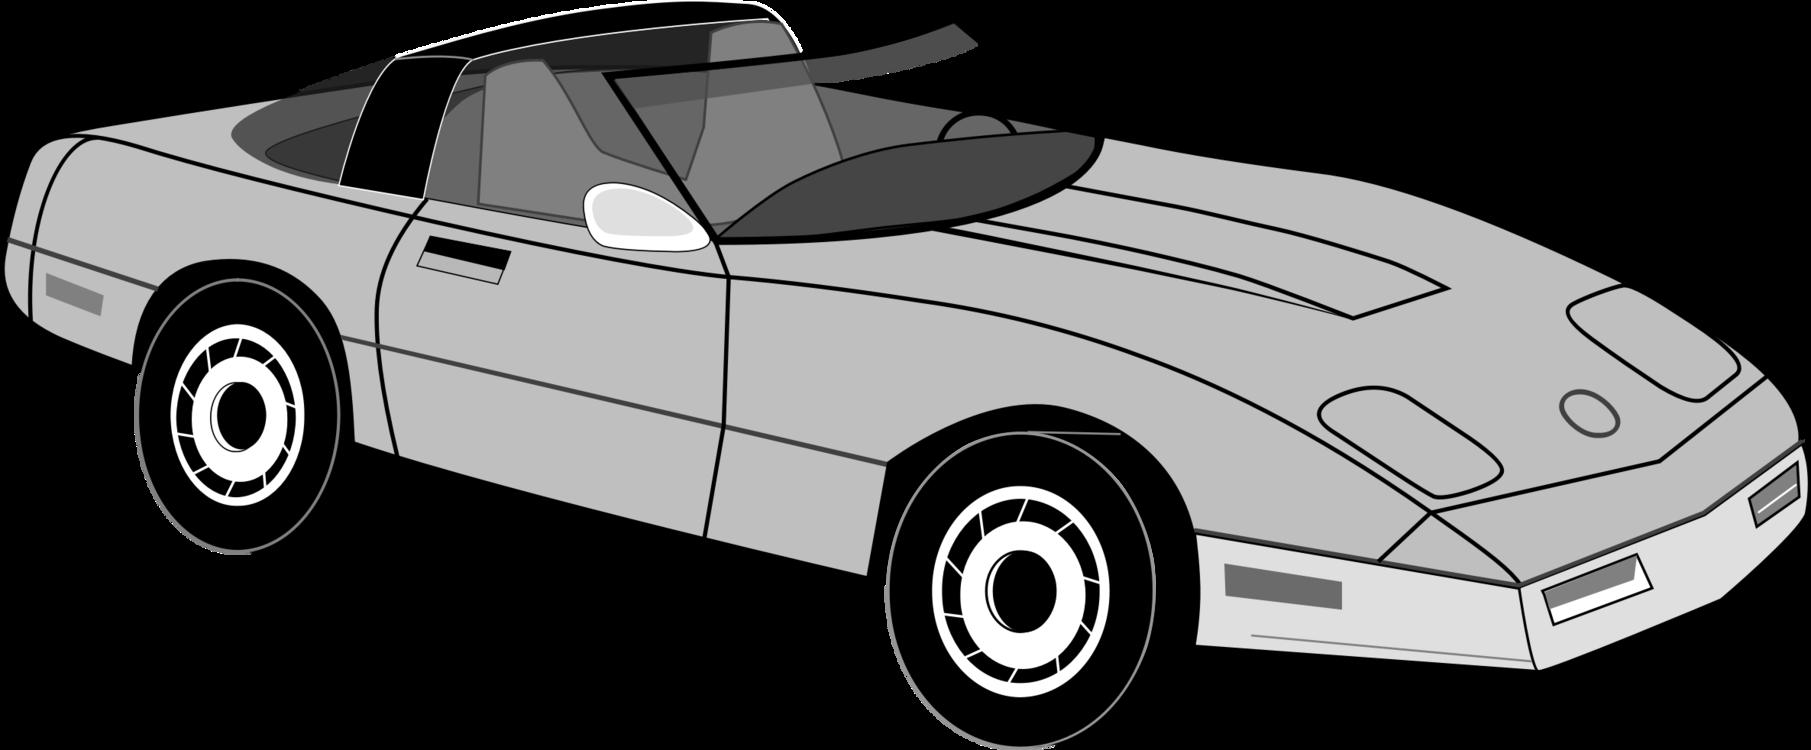 Automotive Exterior,Compact Car,Monochrome Photography